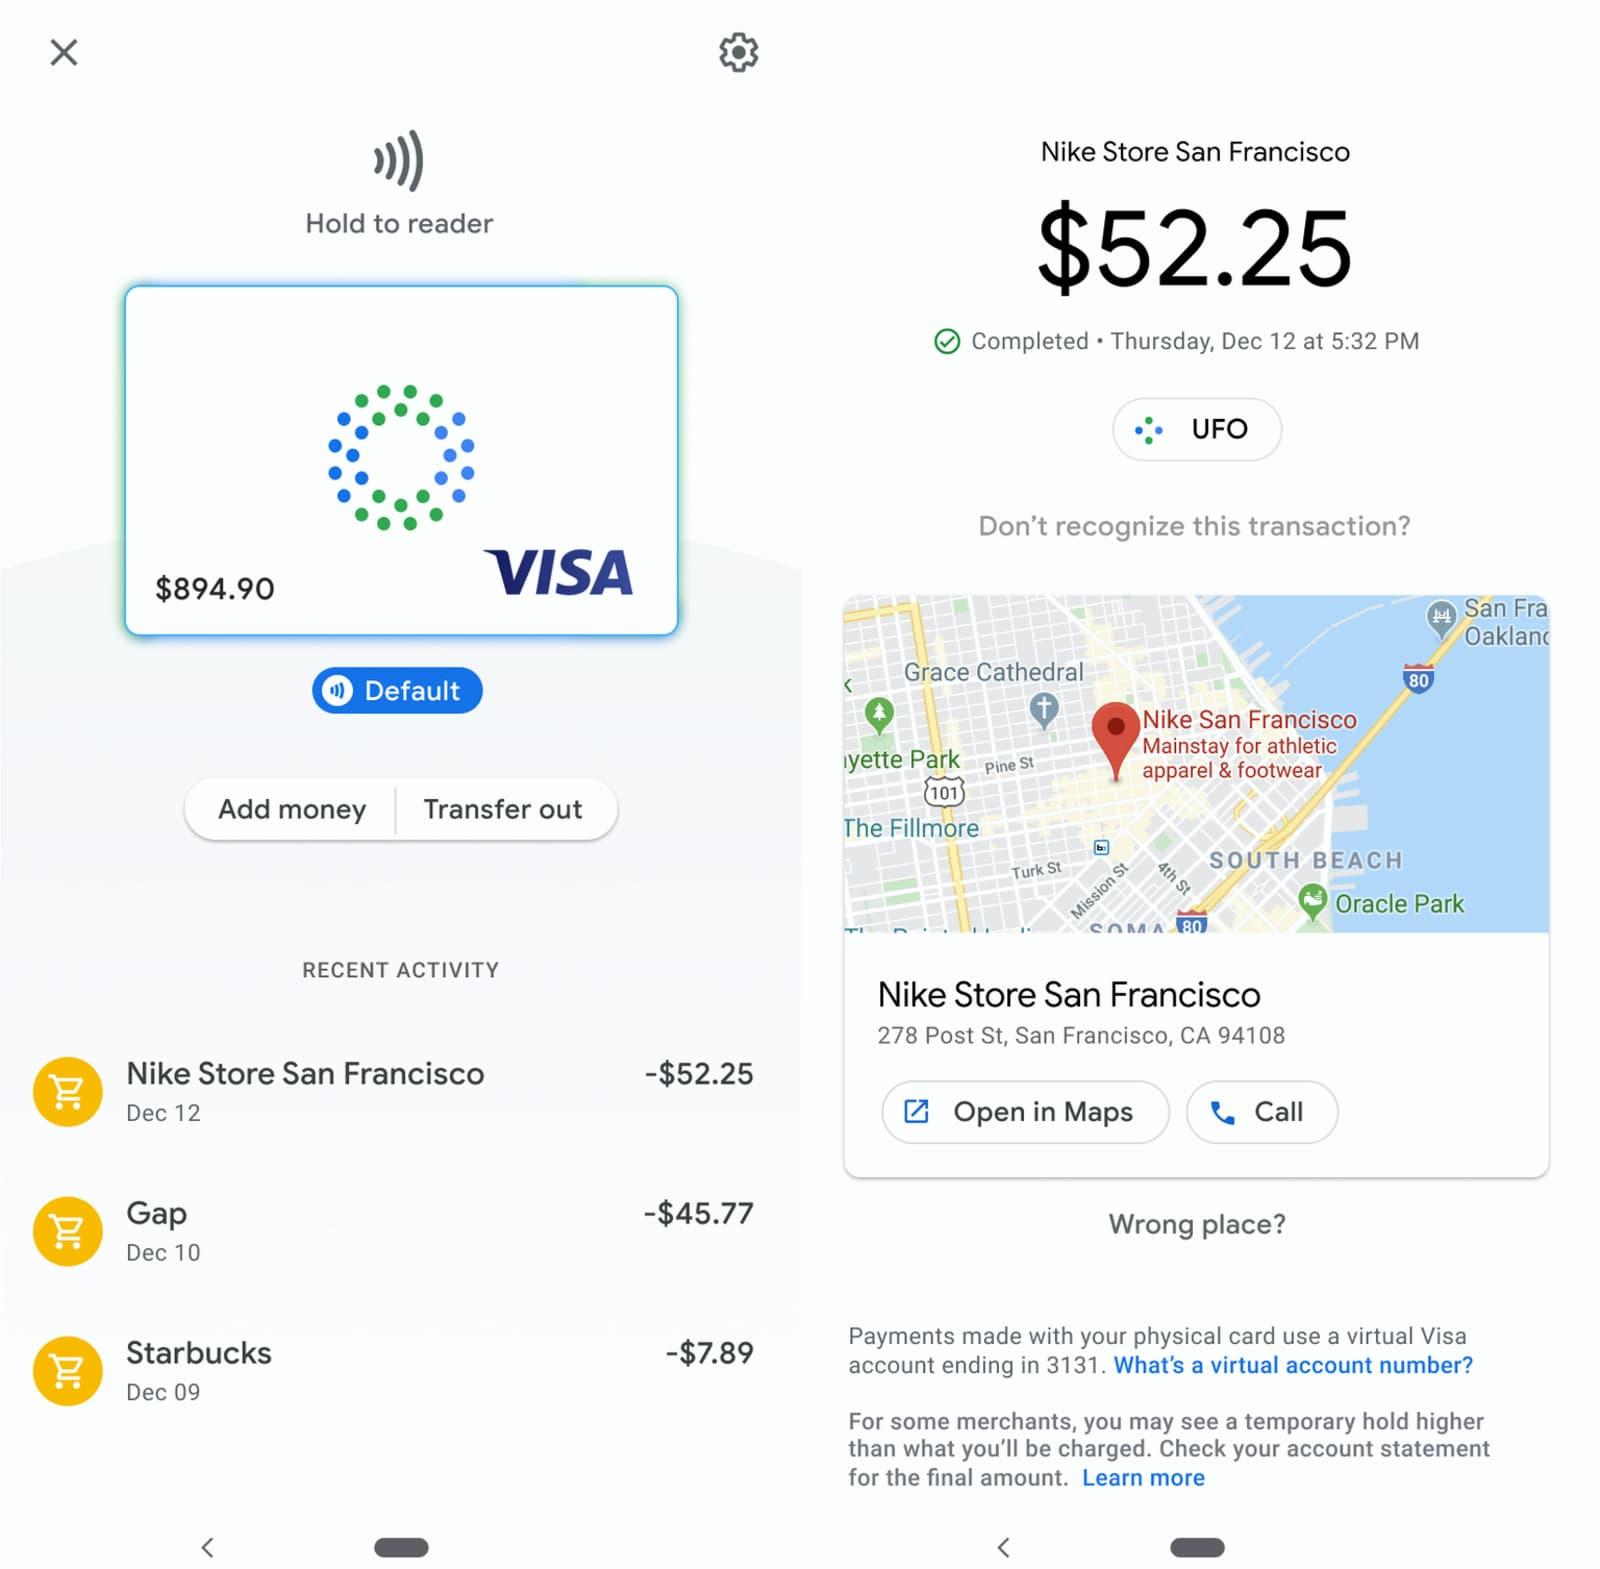 Saldo do Google Card